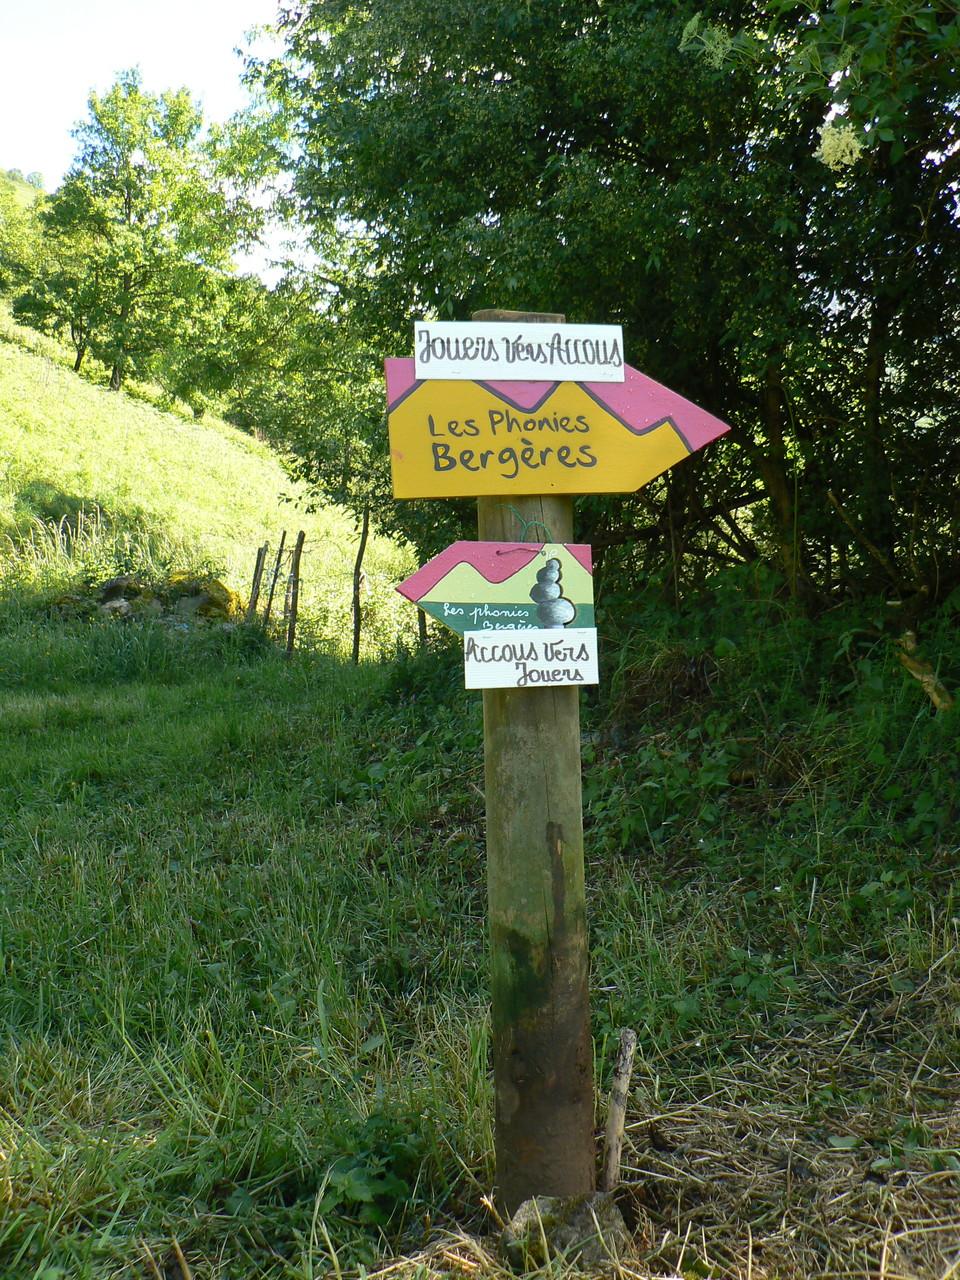 le sentier des Phonies bergères 2014